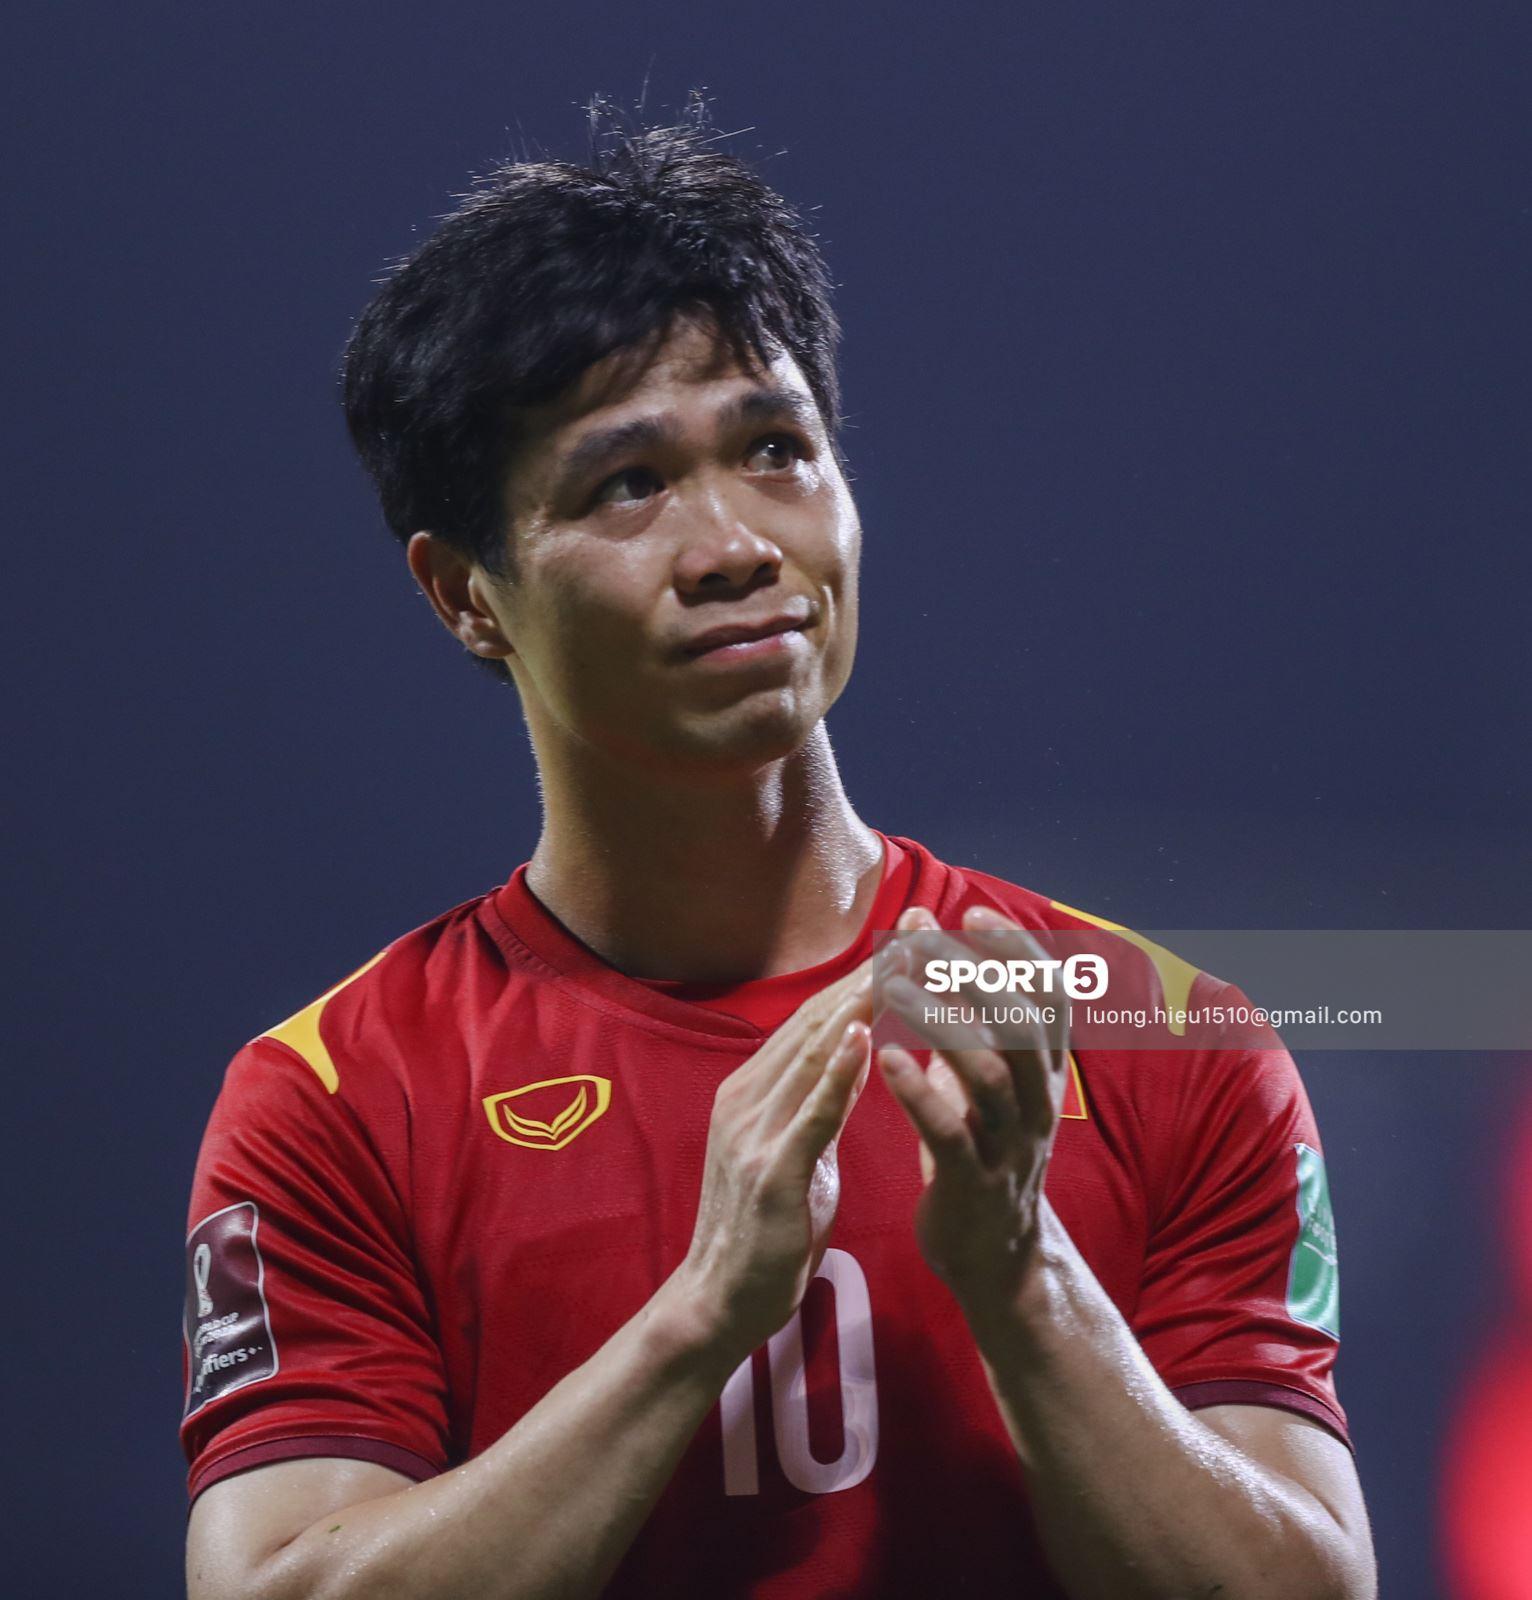 Top khoảnh khắc đẹp trong trận Việt Nam - UAE: Phản ứng Minh Vương khiến tất cả xúc động 11